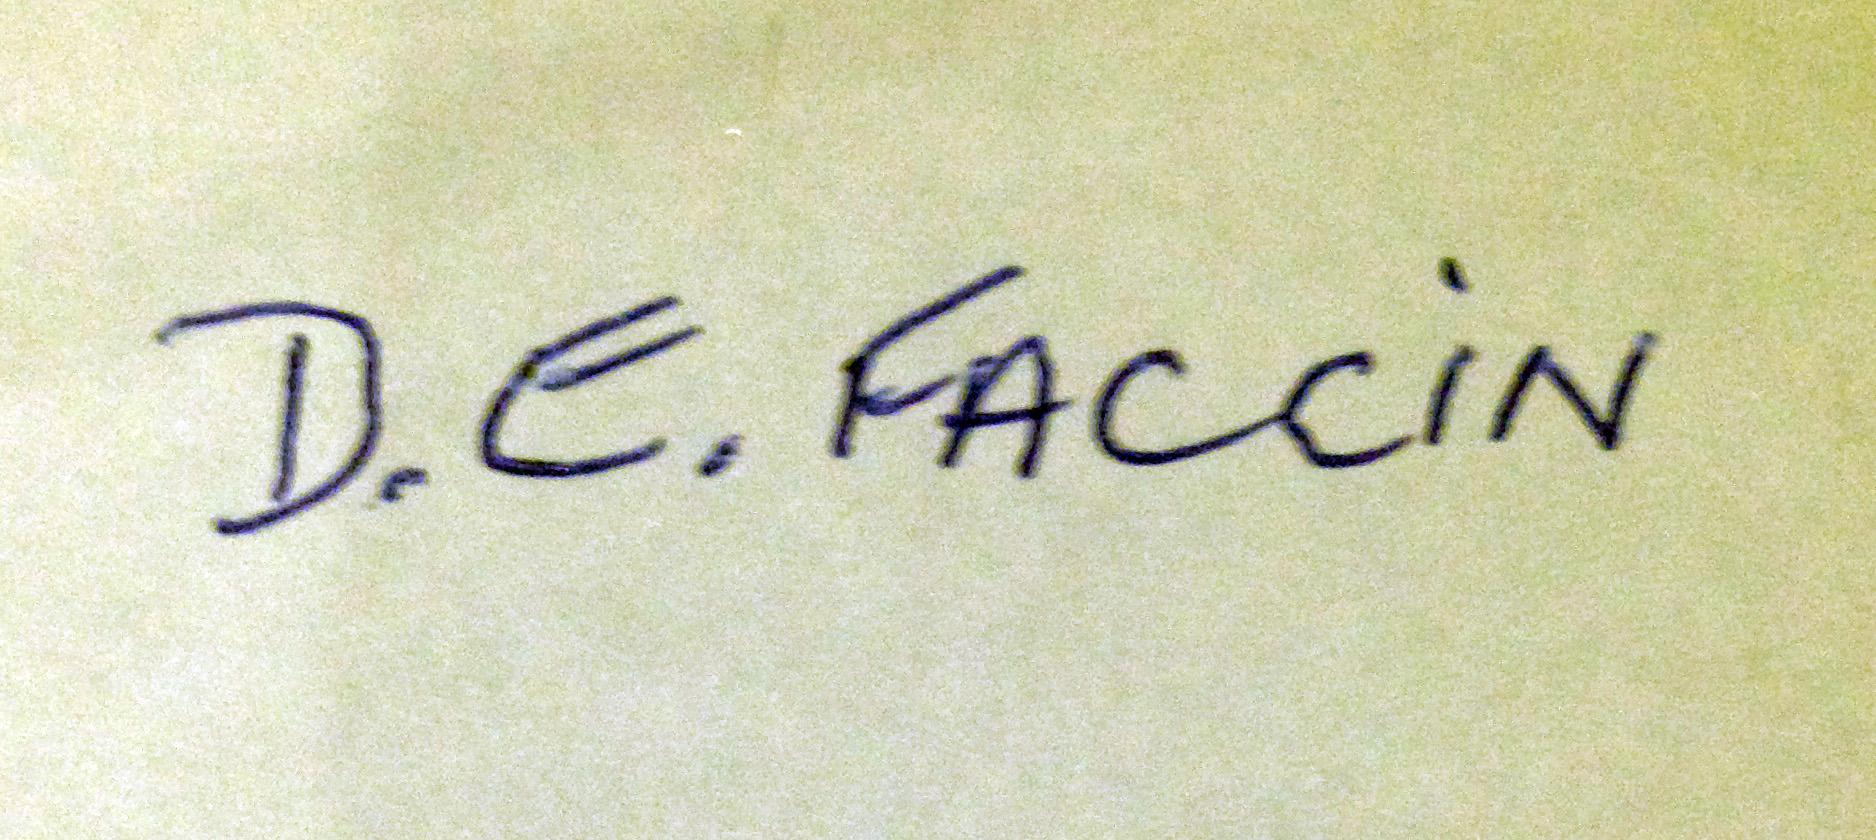 Dianne Faccin Signature